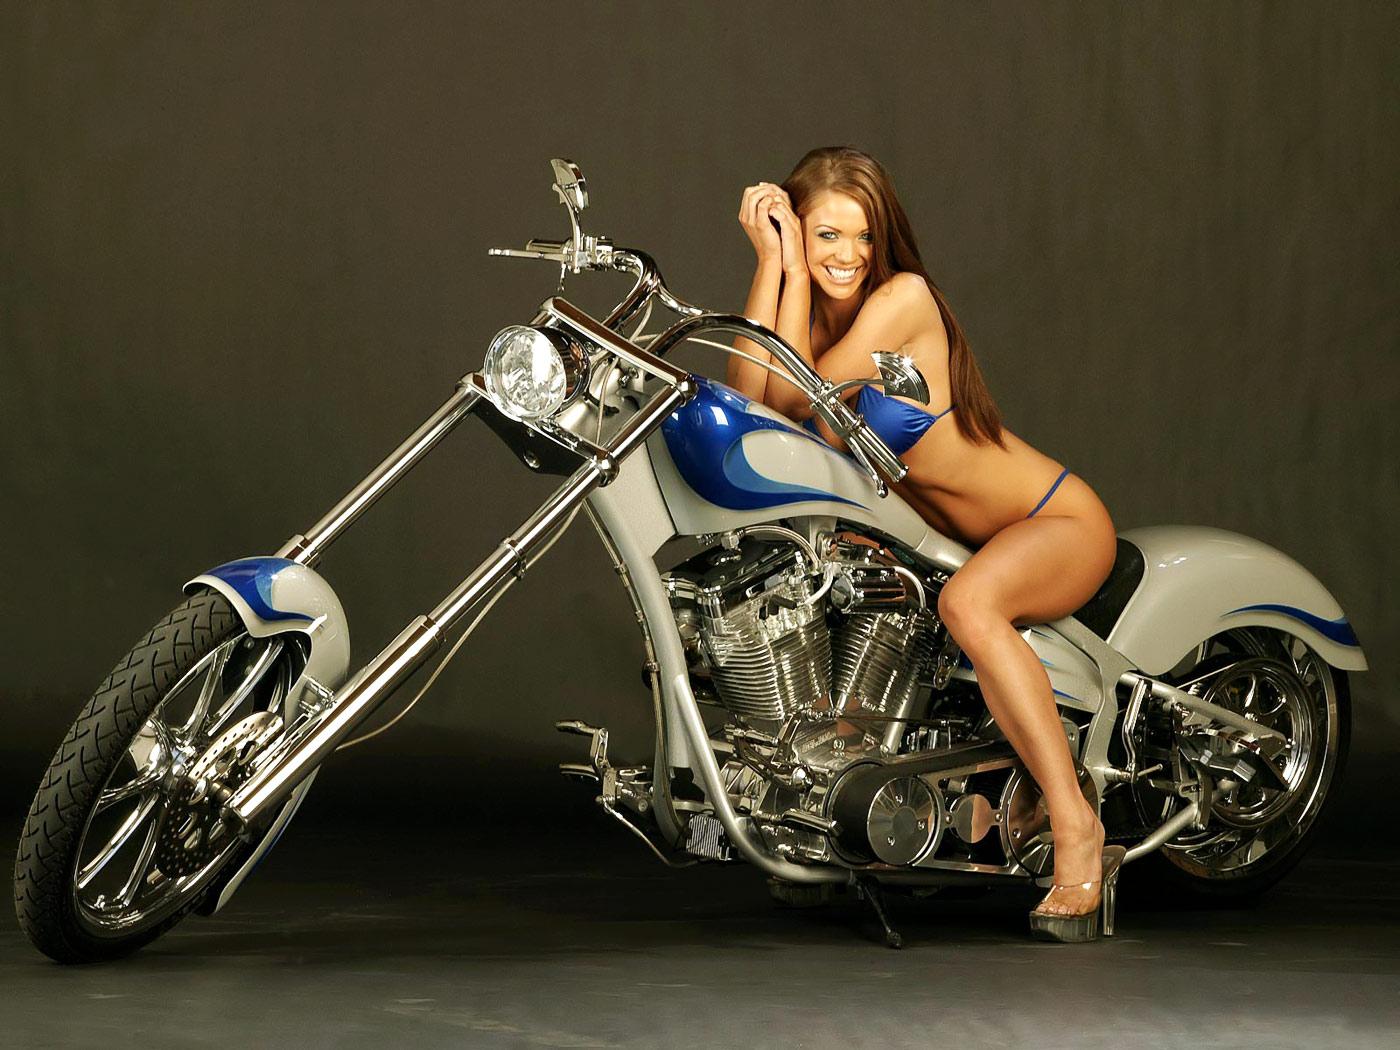 Девушка и мотоцикл, обои